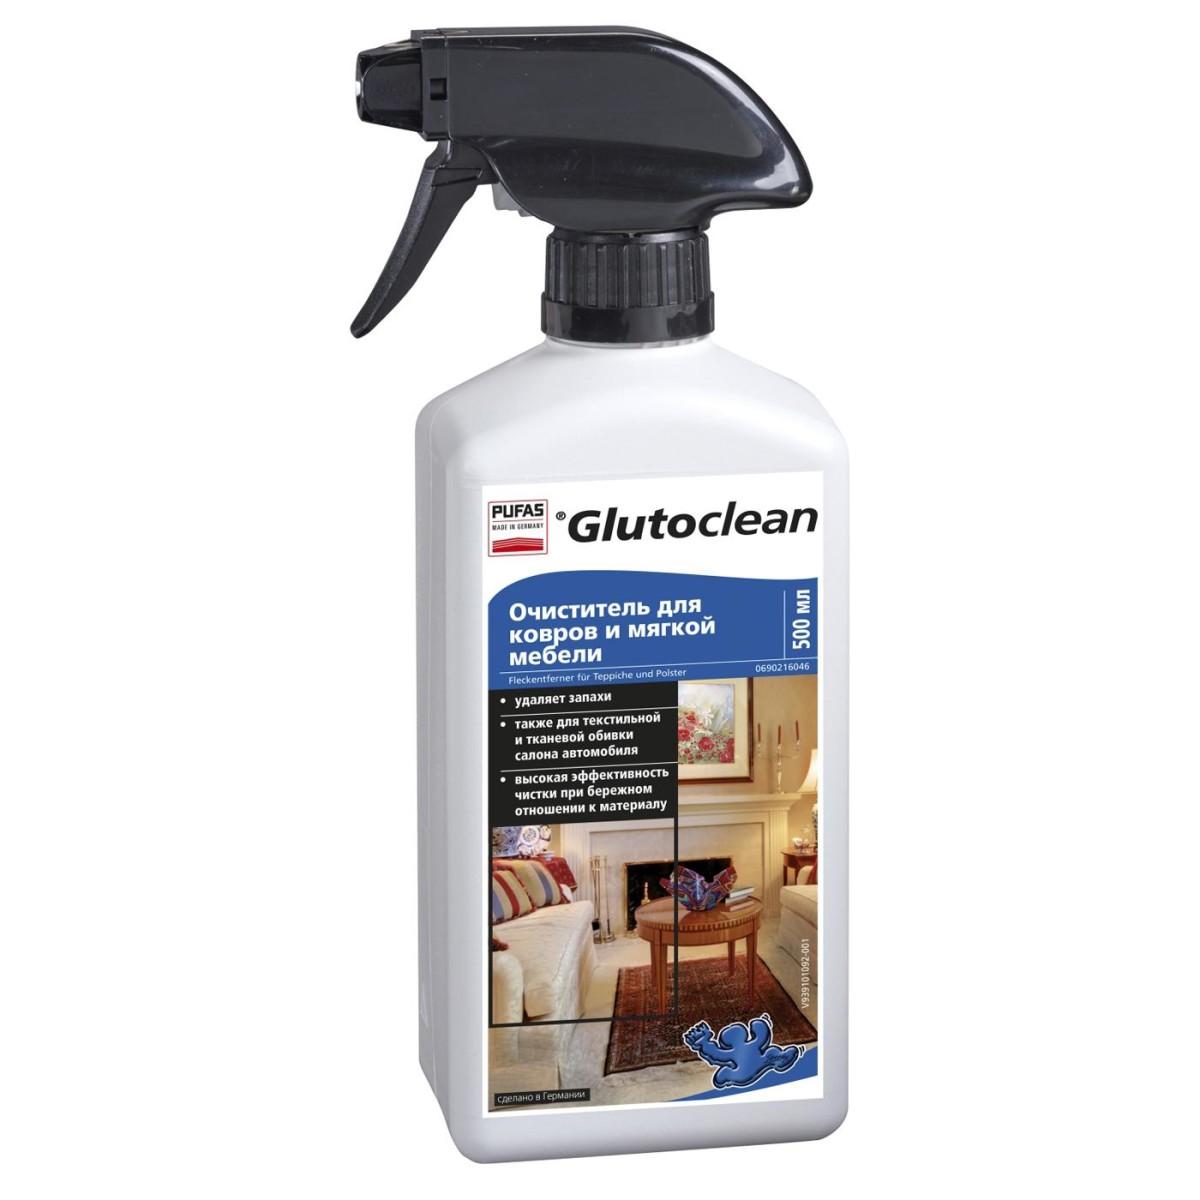 Очиститель для ковров и мягкой мебели Pufas 0.5 л